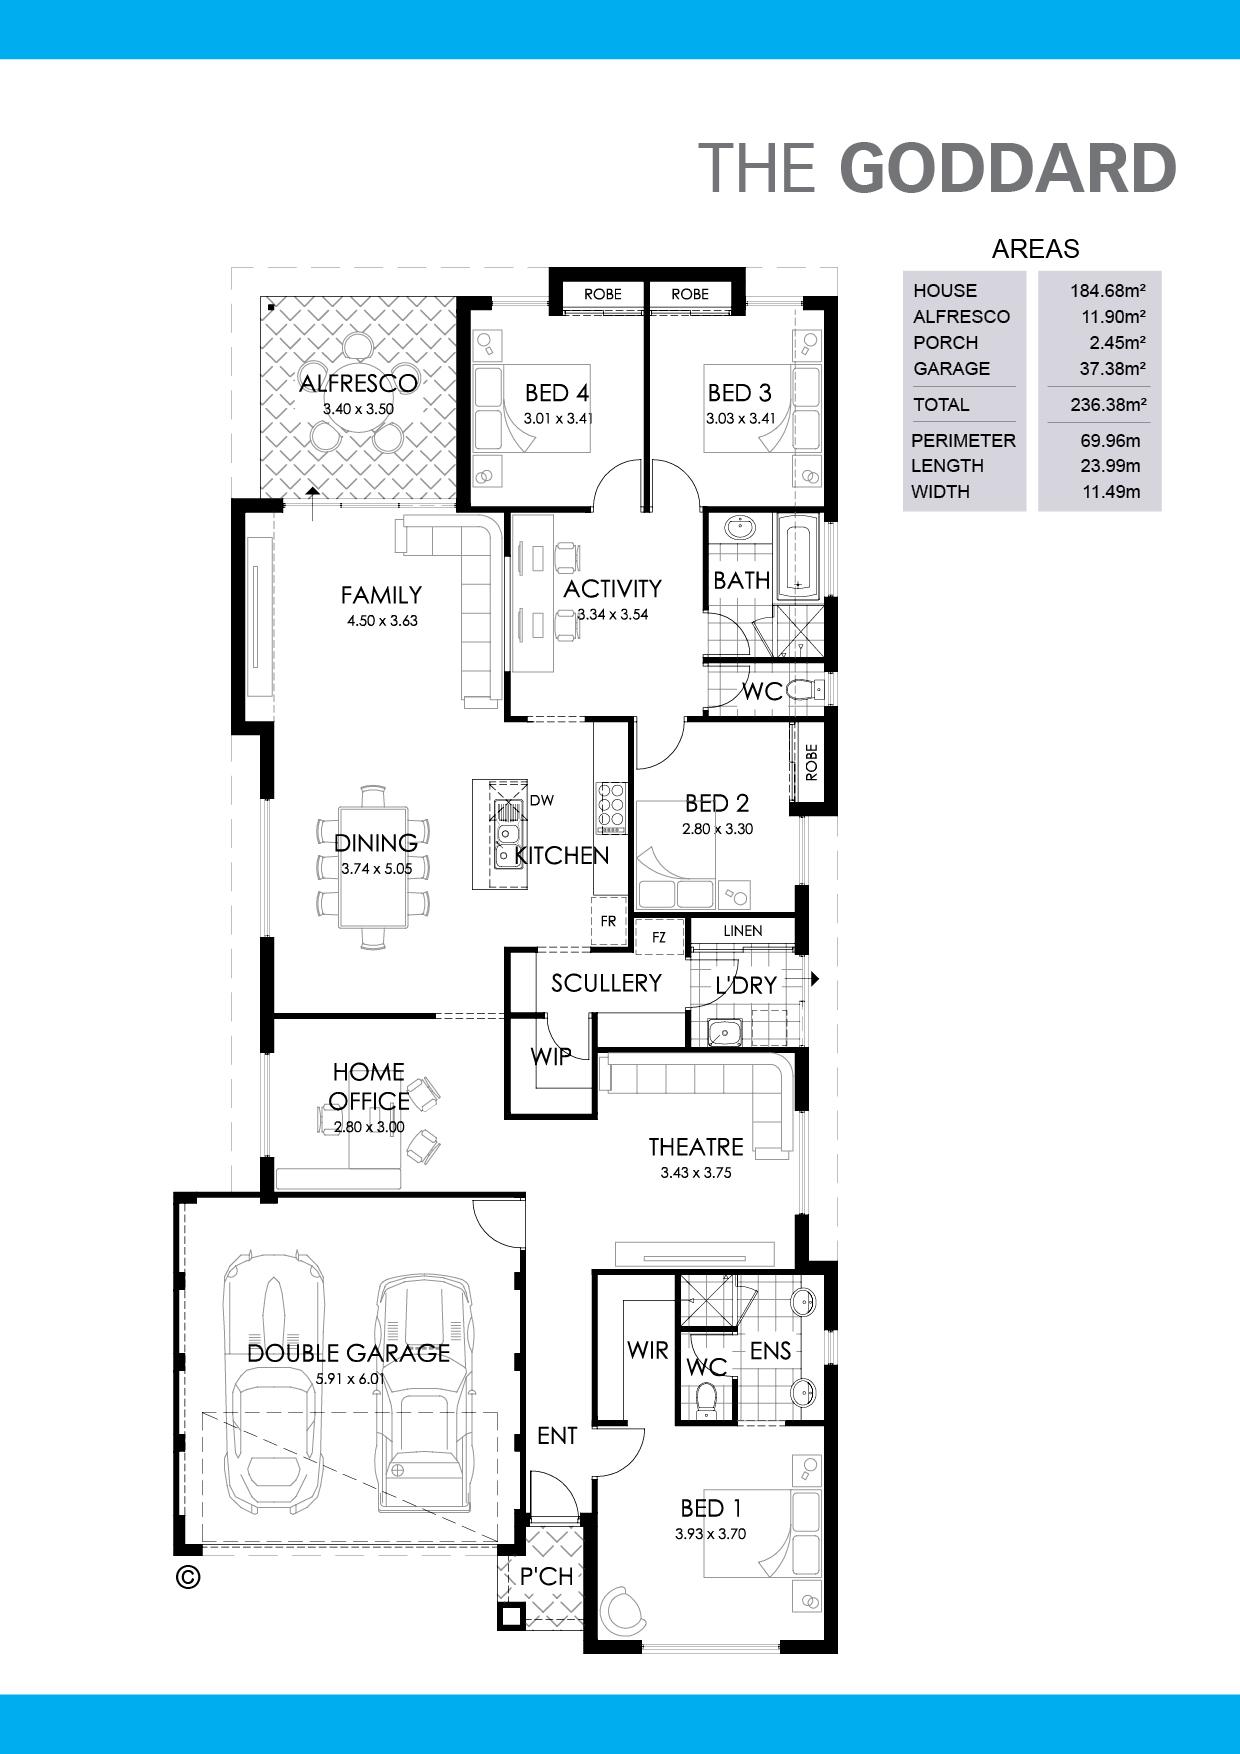 The Goddard Floorplan